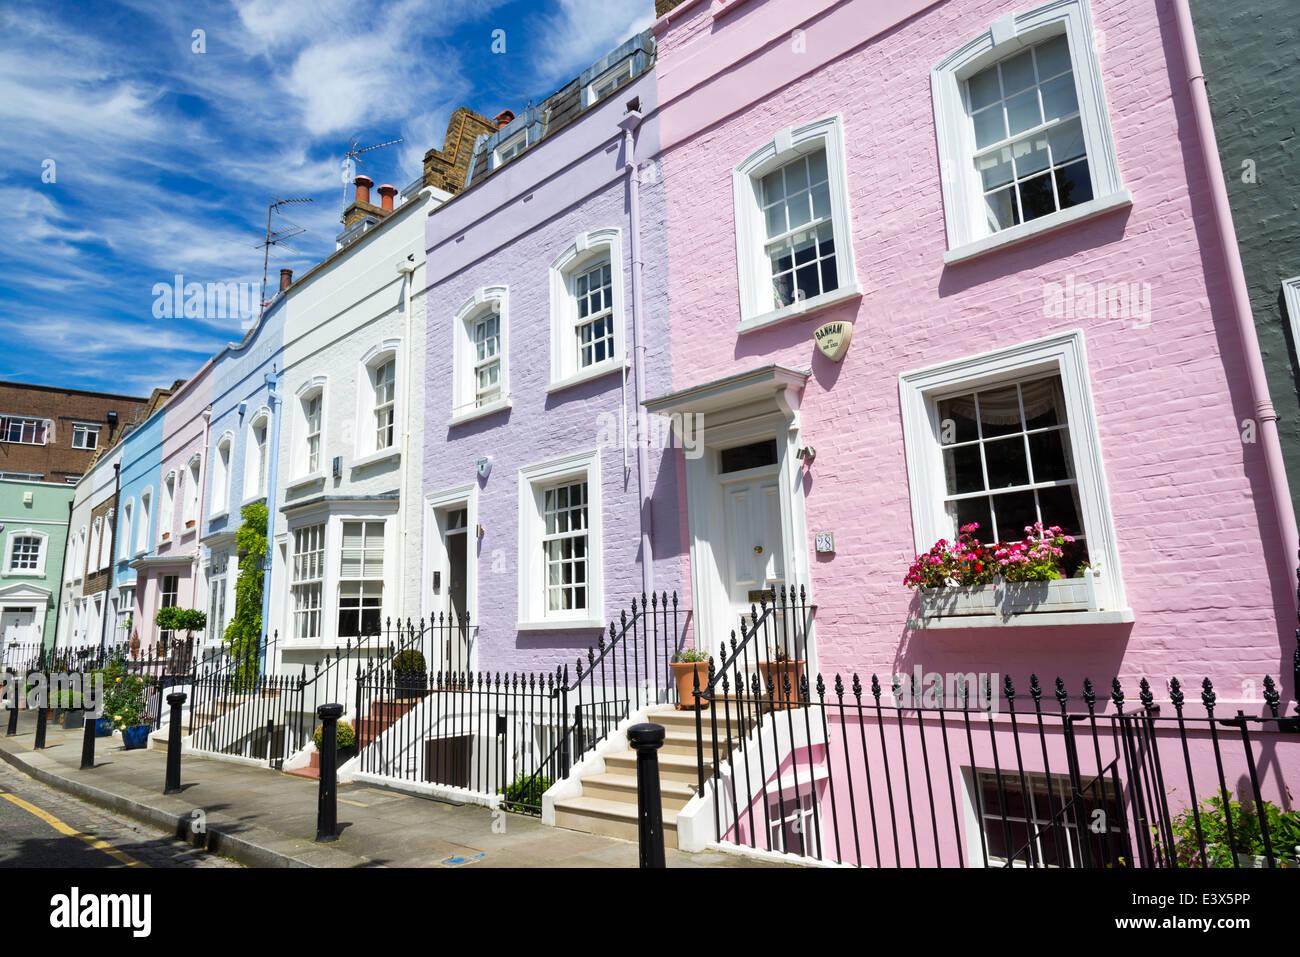 Ligne colorée de maisons de ville mitoyennes sur Street Bywater, Chelsea, Londres, Angleterre, Royaume-Uni Photo Stock